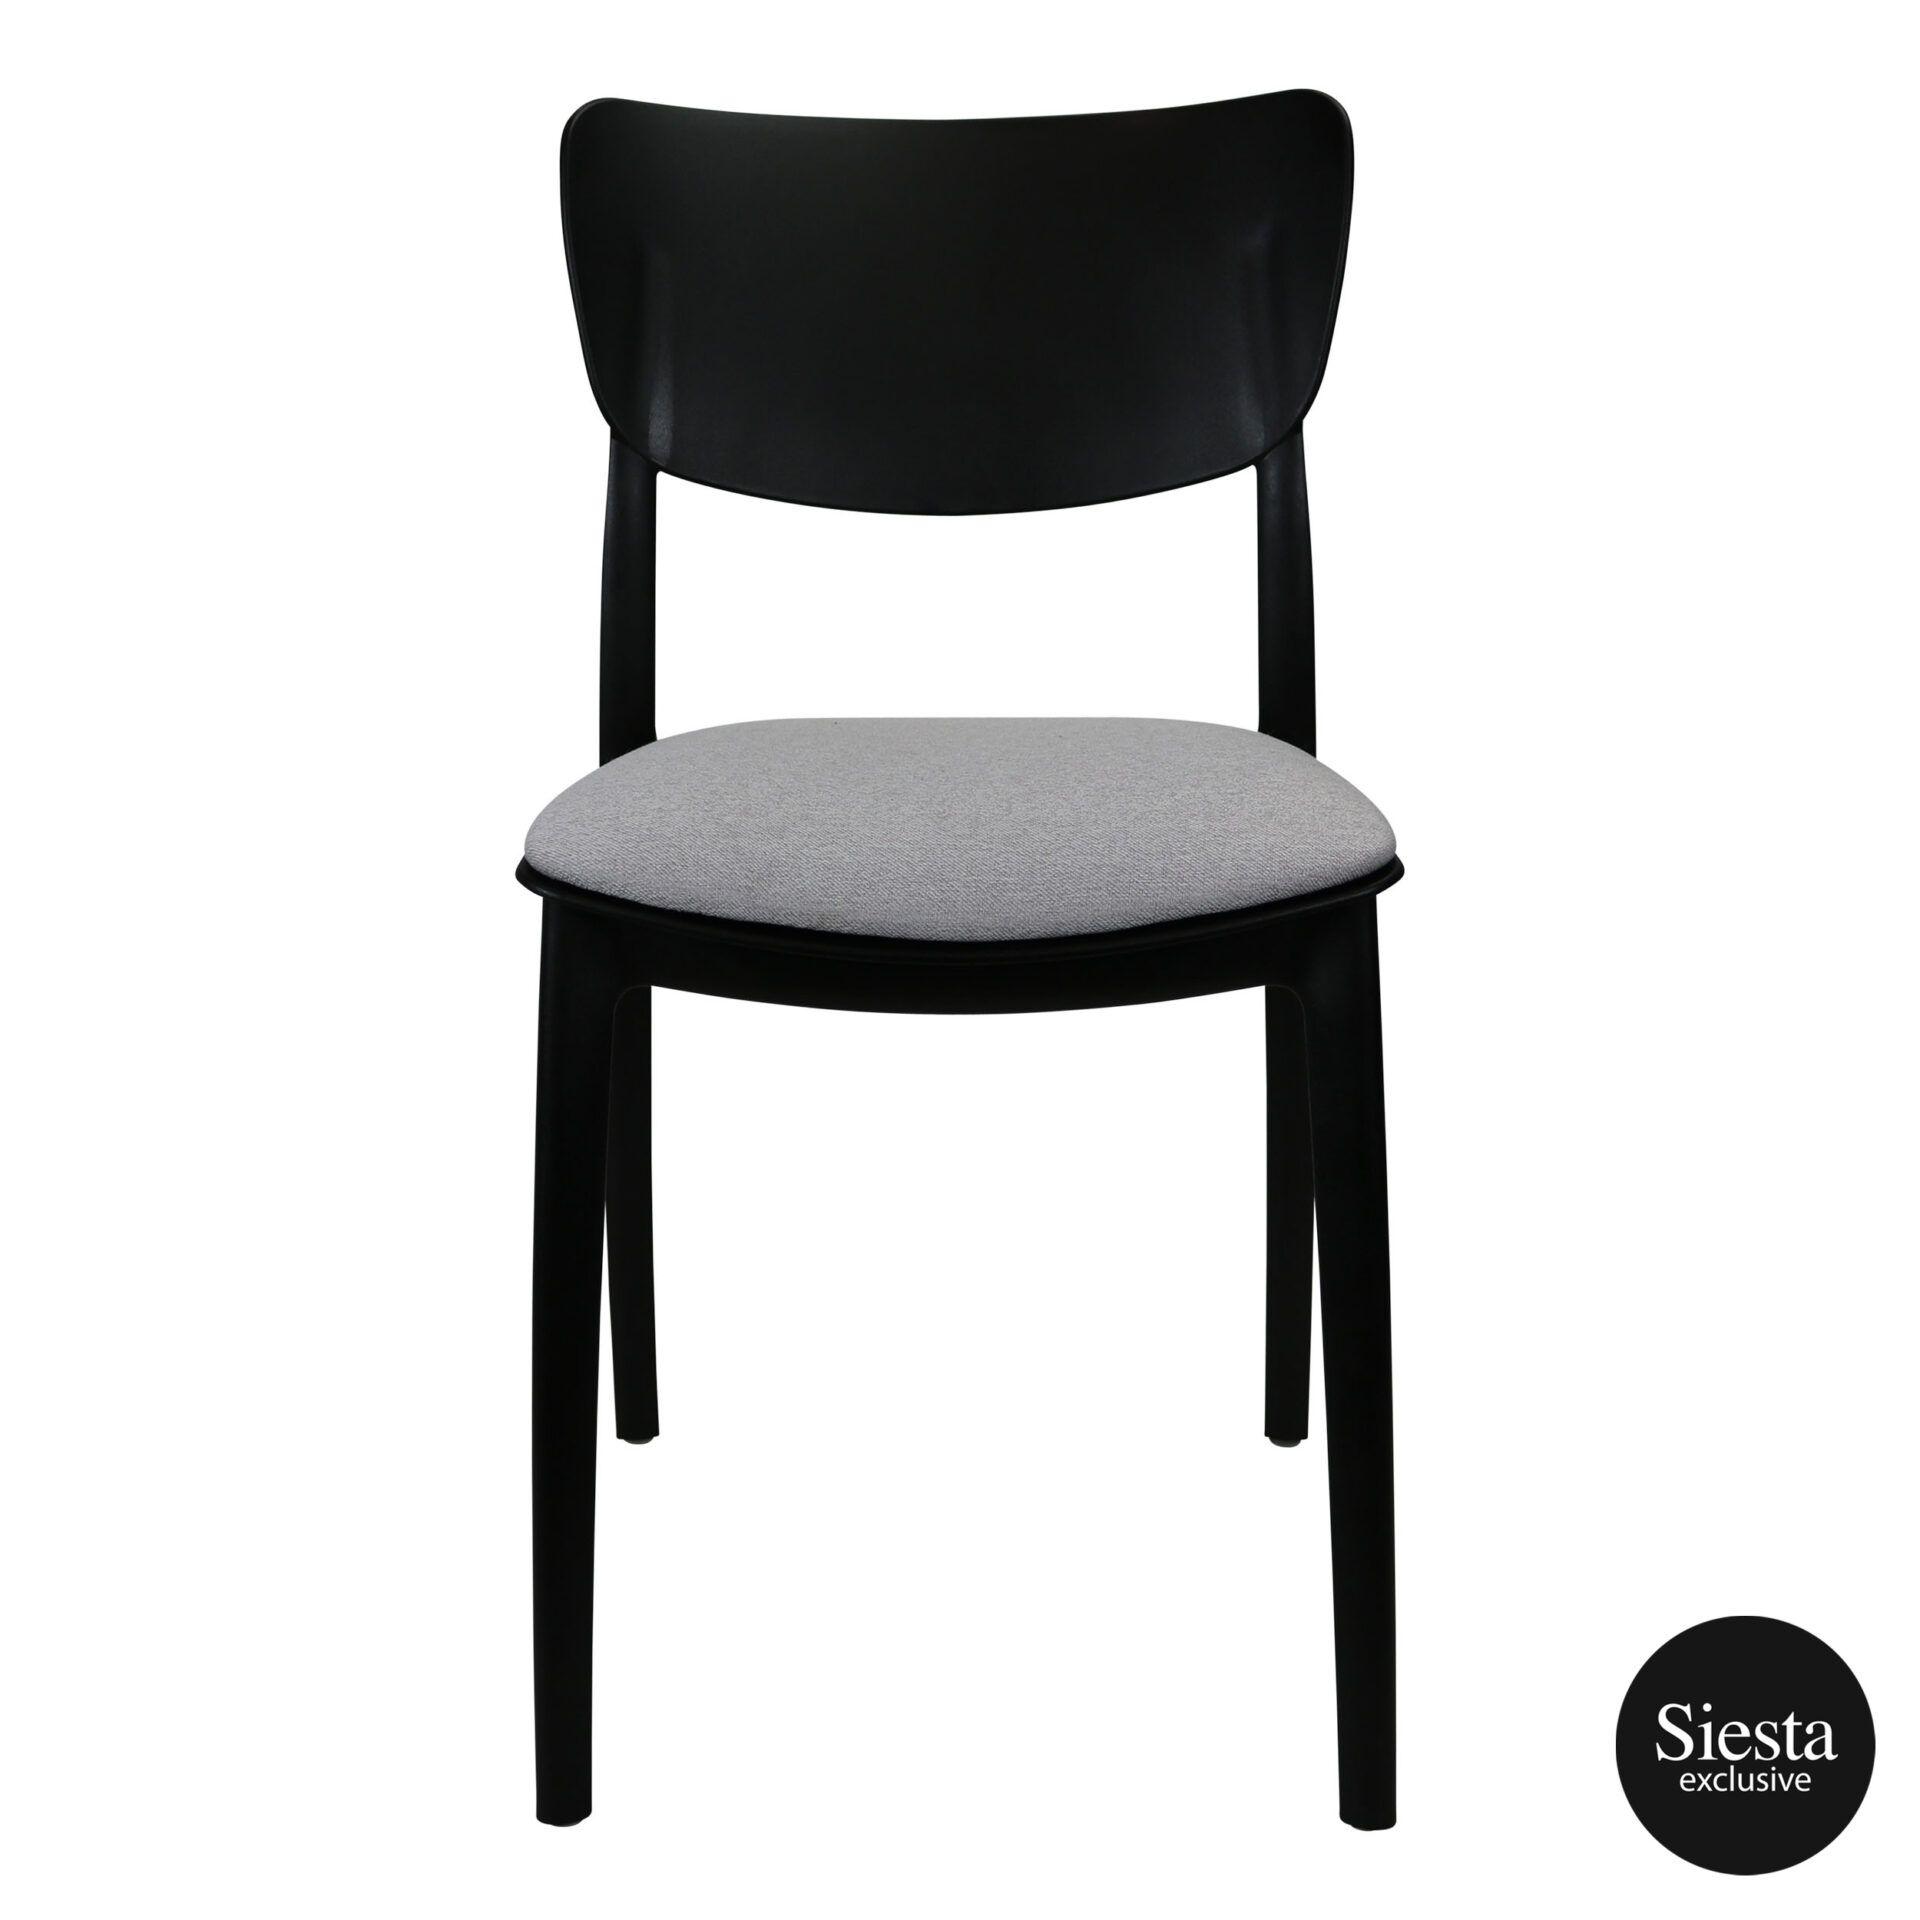 monna chair black c6